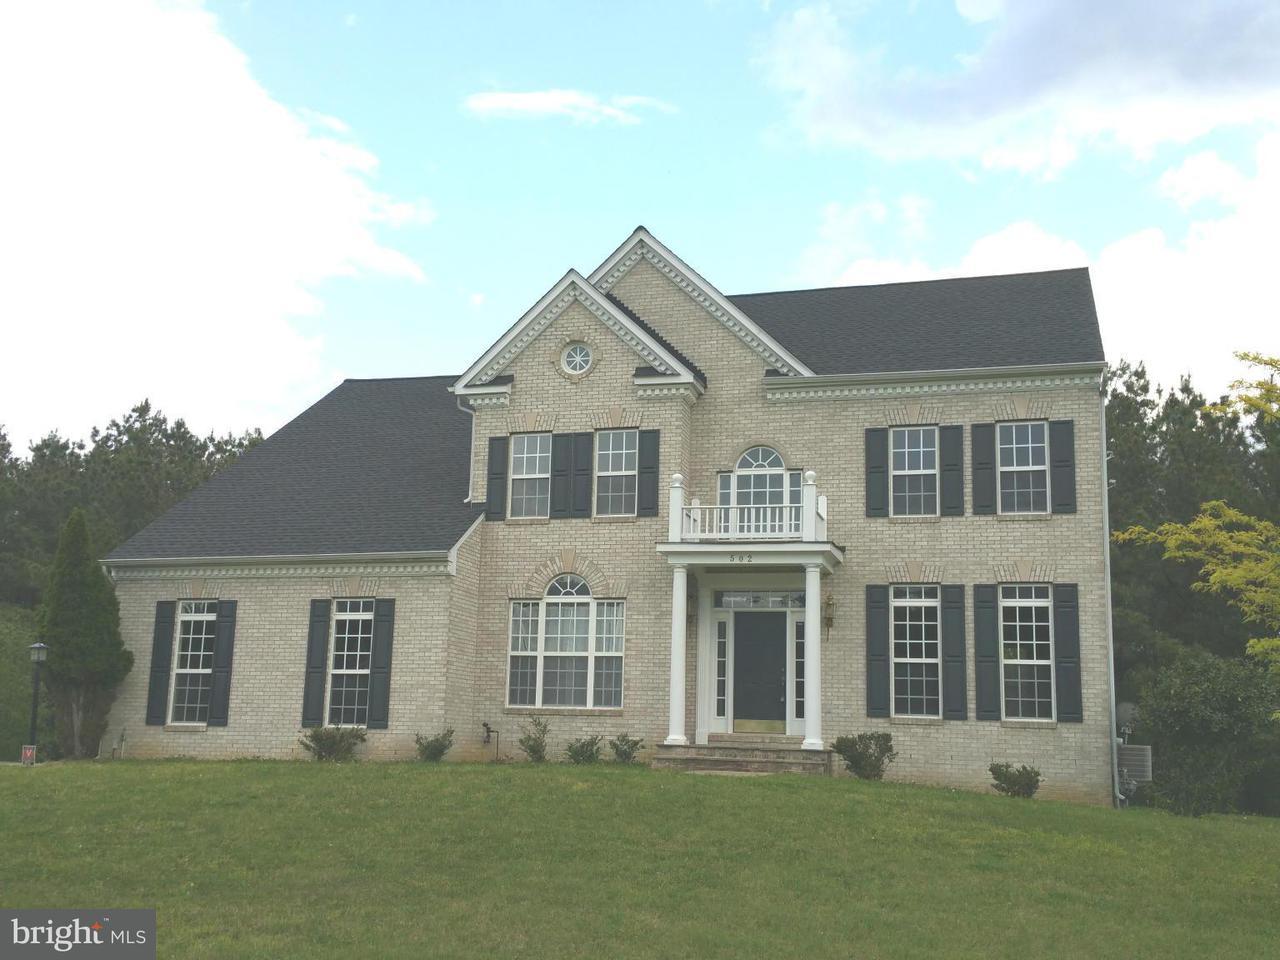 独户住宅 为 销售 在 502 MATTAWOMAN WAY 502 MATTAWOMAN WAY Accokeek, 马里兰州 20607 美国